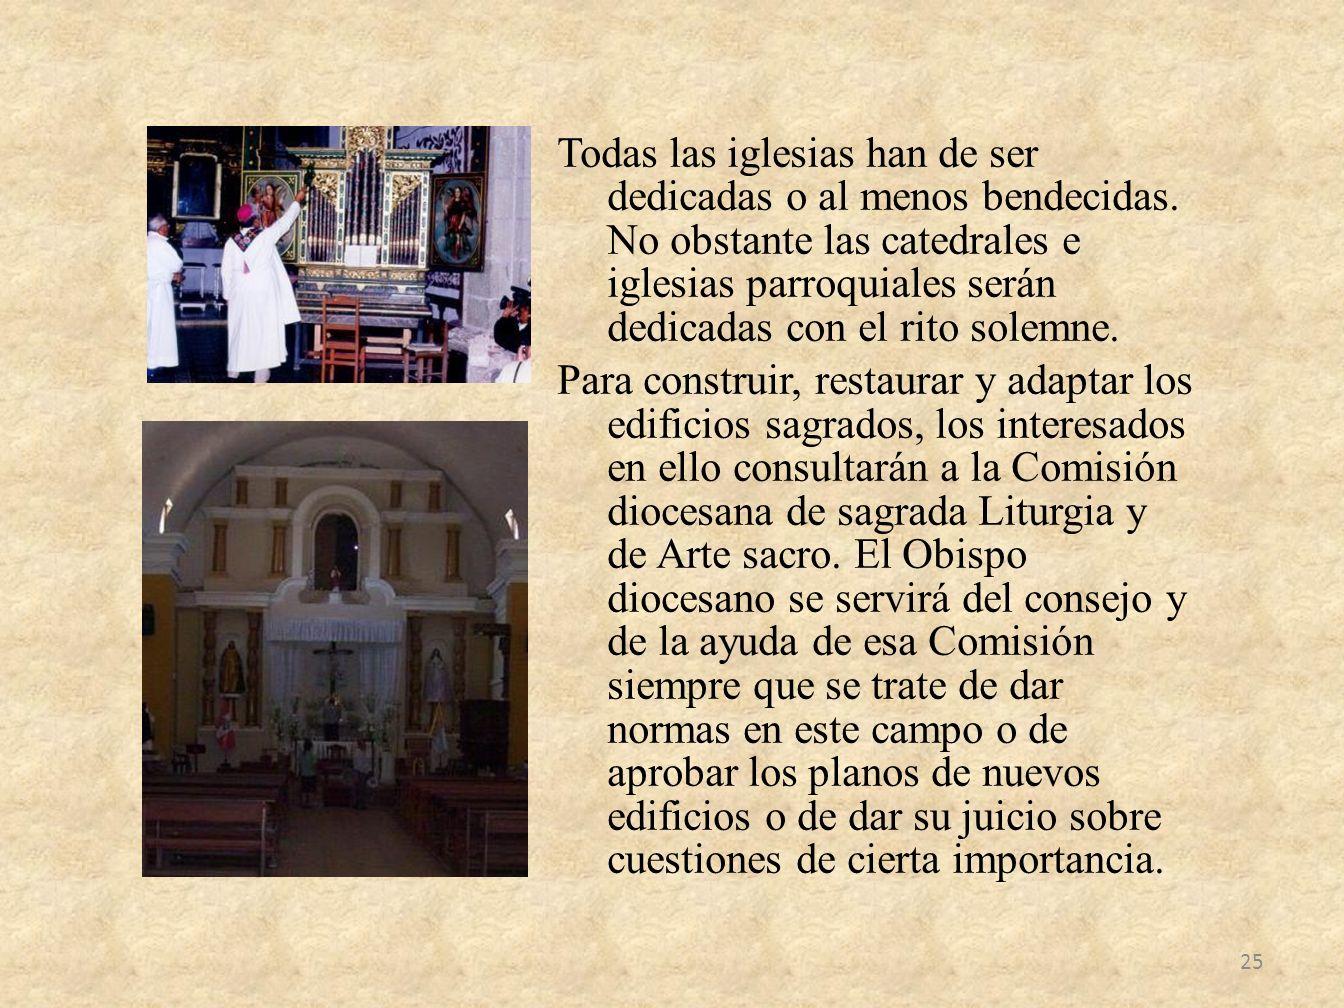 Todas las iglesias han de ser dedicadas o al menos bendecidas. No obstante las catedrales e iglesias parroquiales serán dedicadas con el rito solemne.